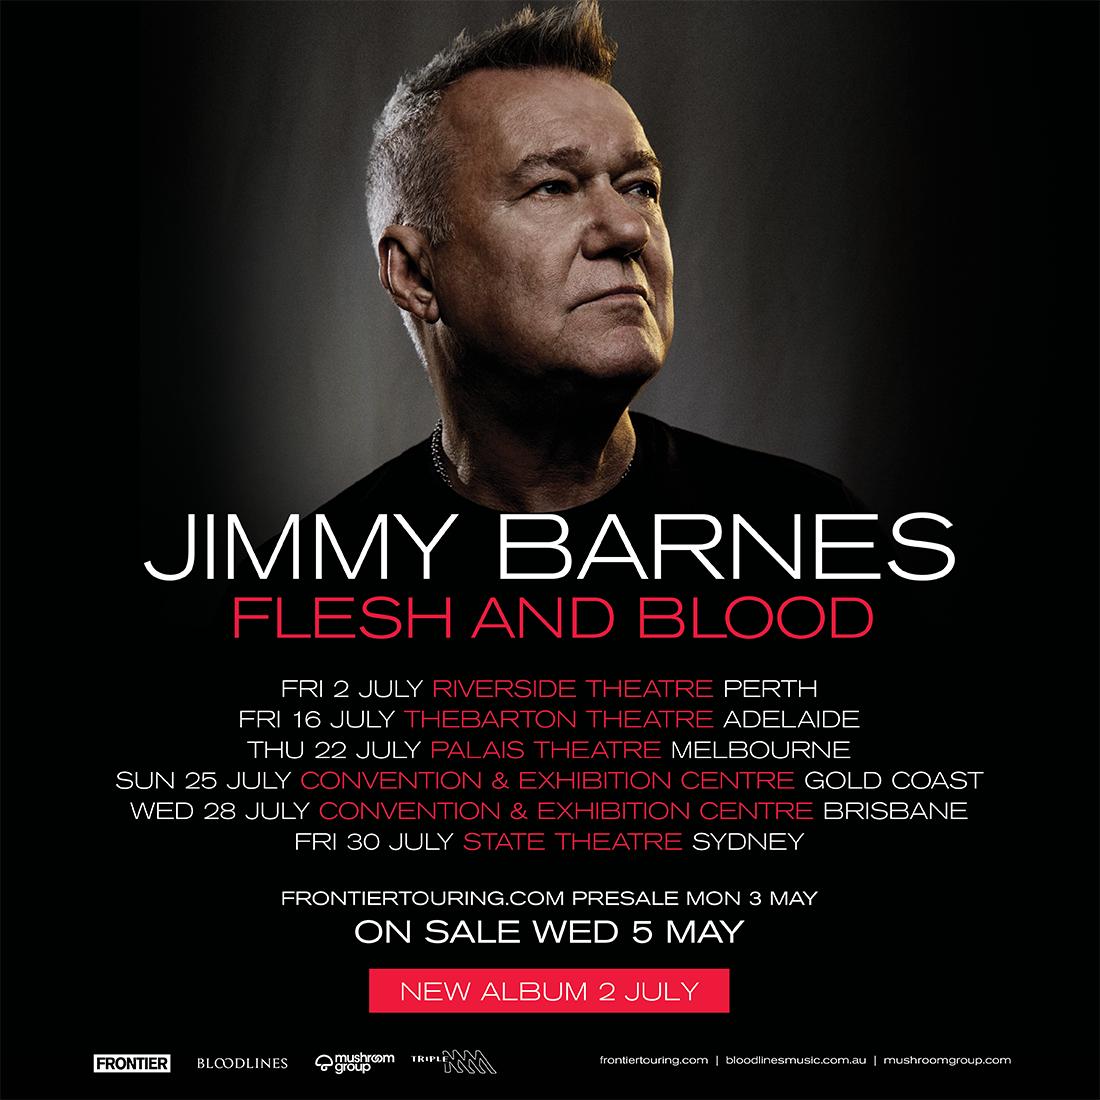 JIMMY BARNES ANNOUNCES AUSTRALIAN FLESH AND BLOOD TOUR + NEW ALBUM